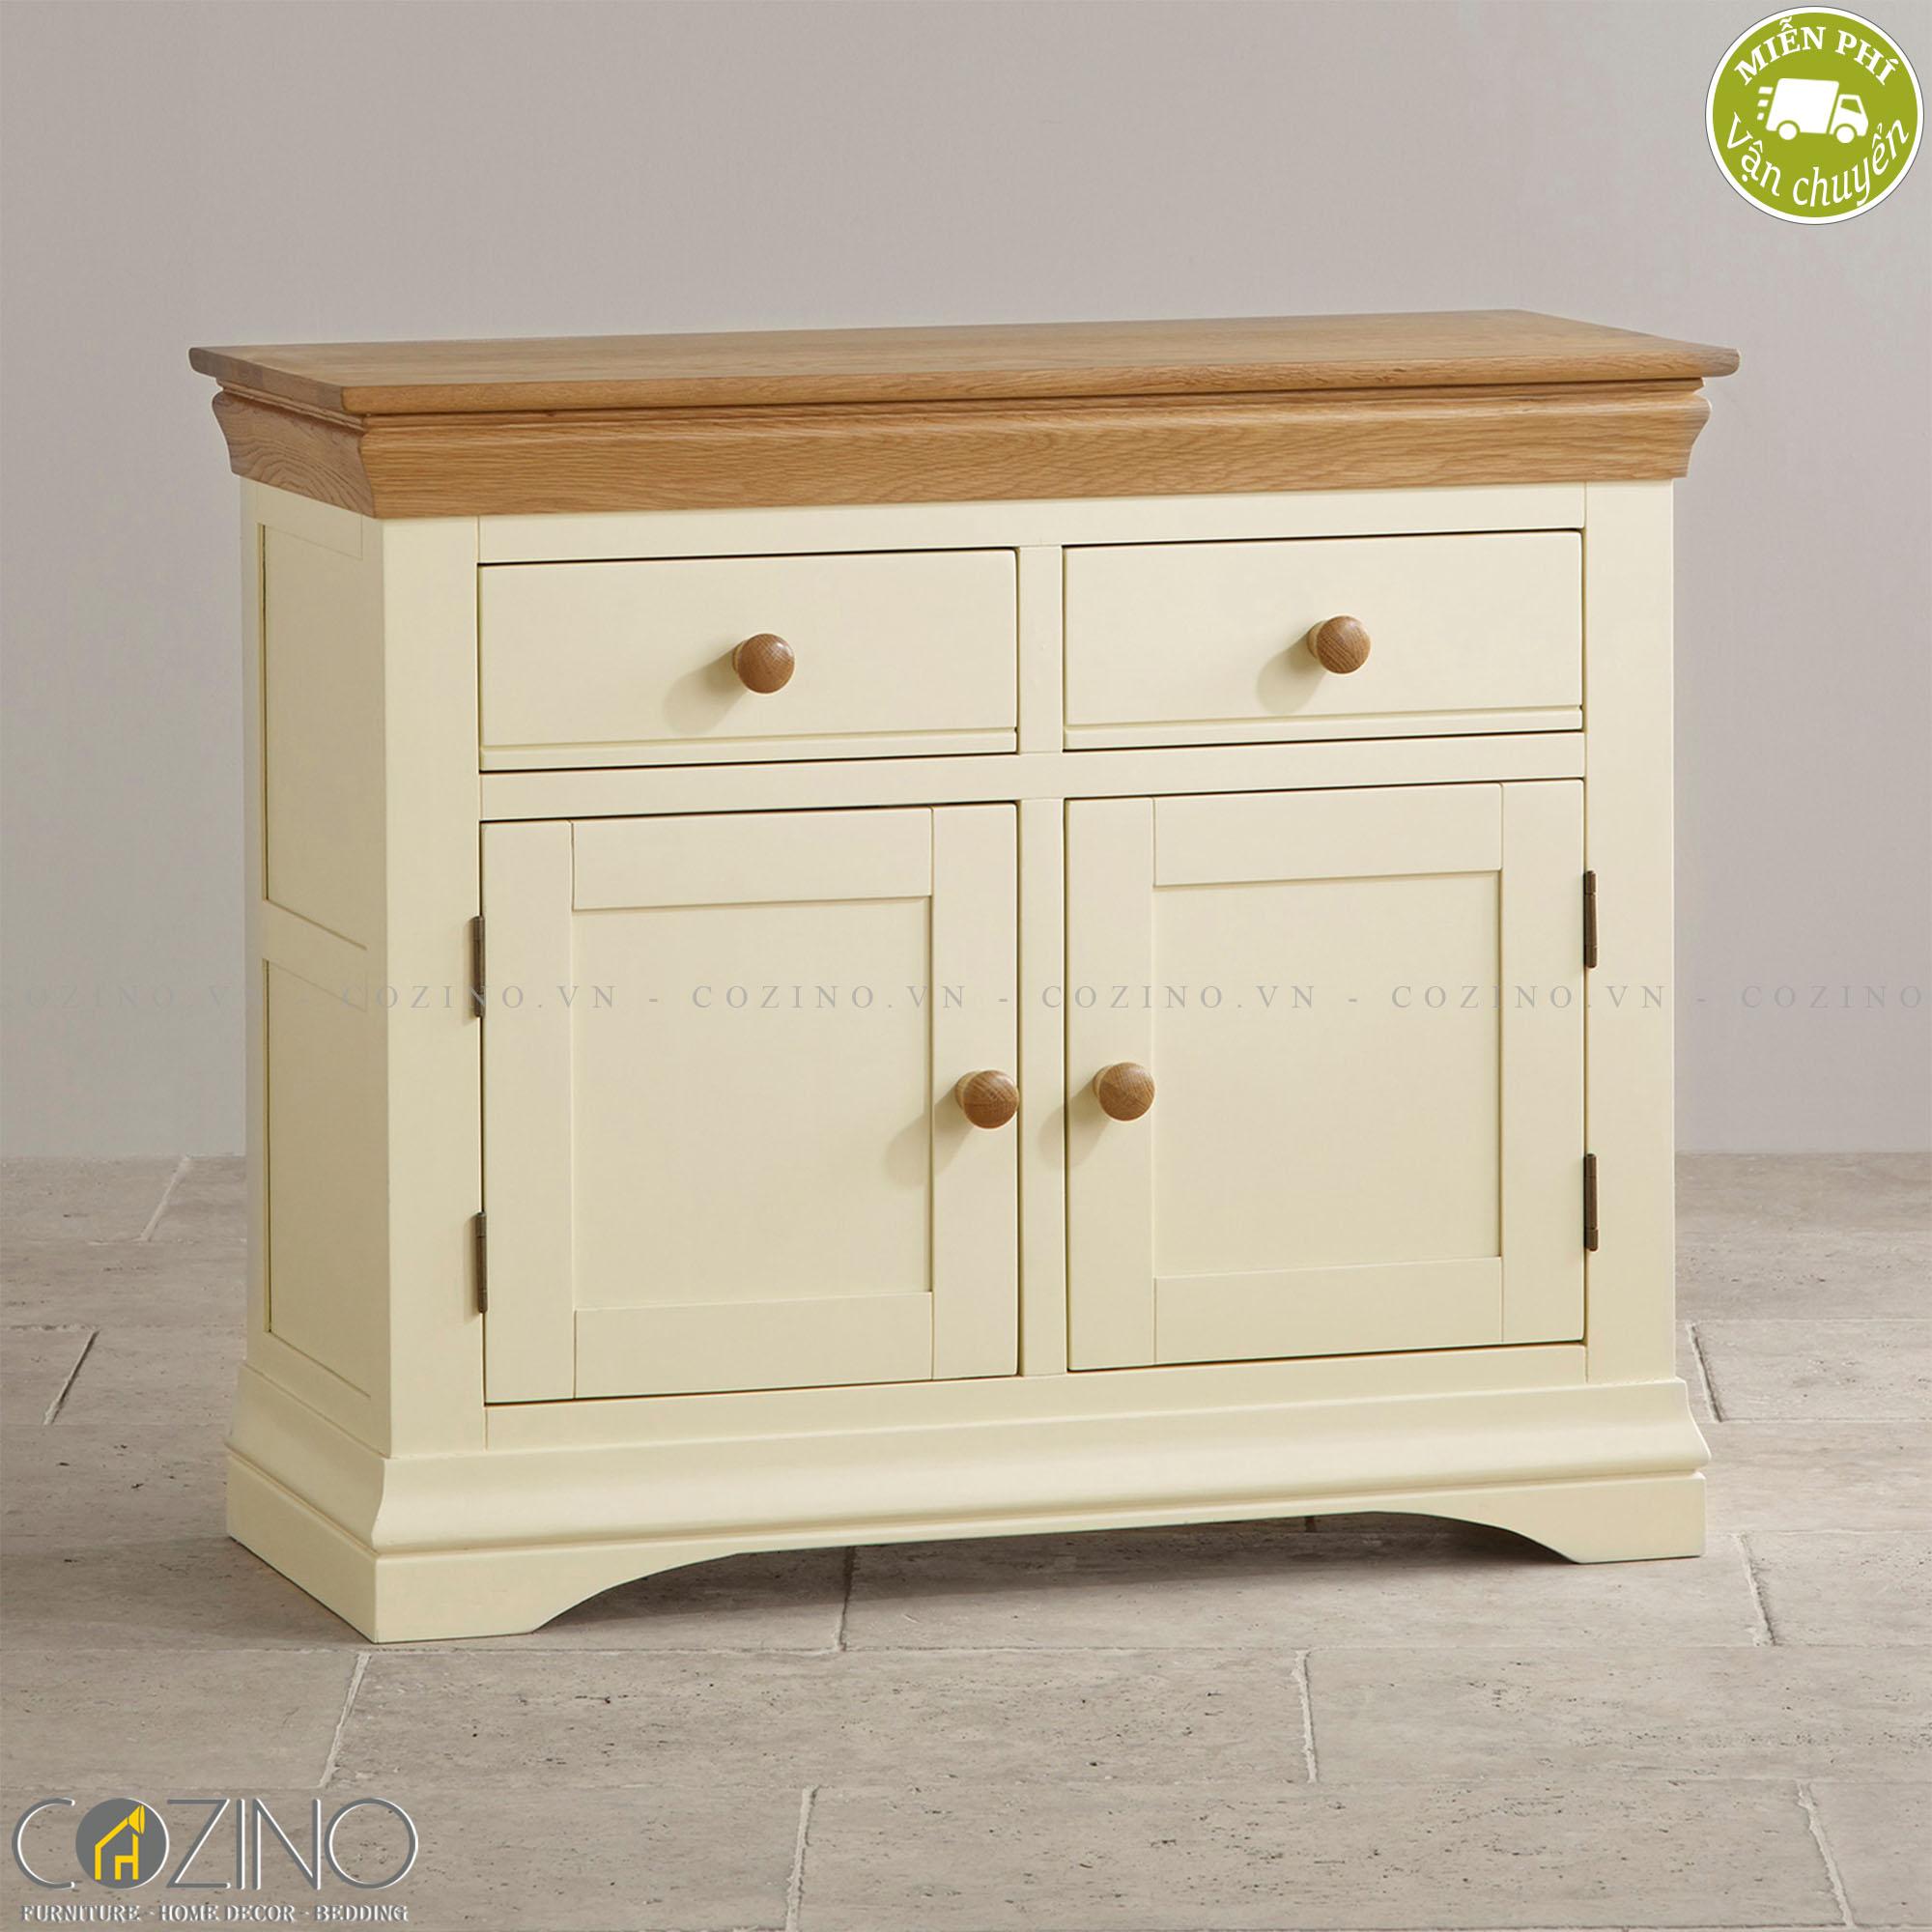 Tủ chén nhỏ Canary gỗ sồi - Cozino